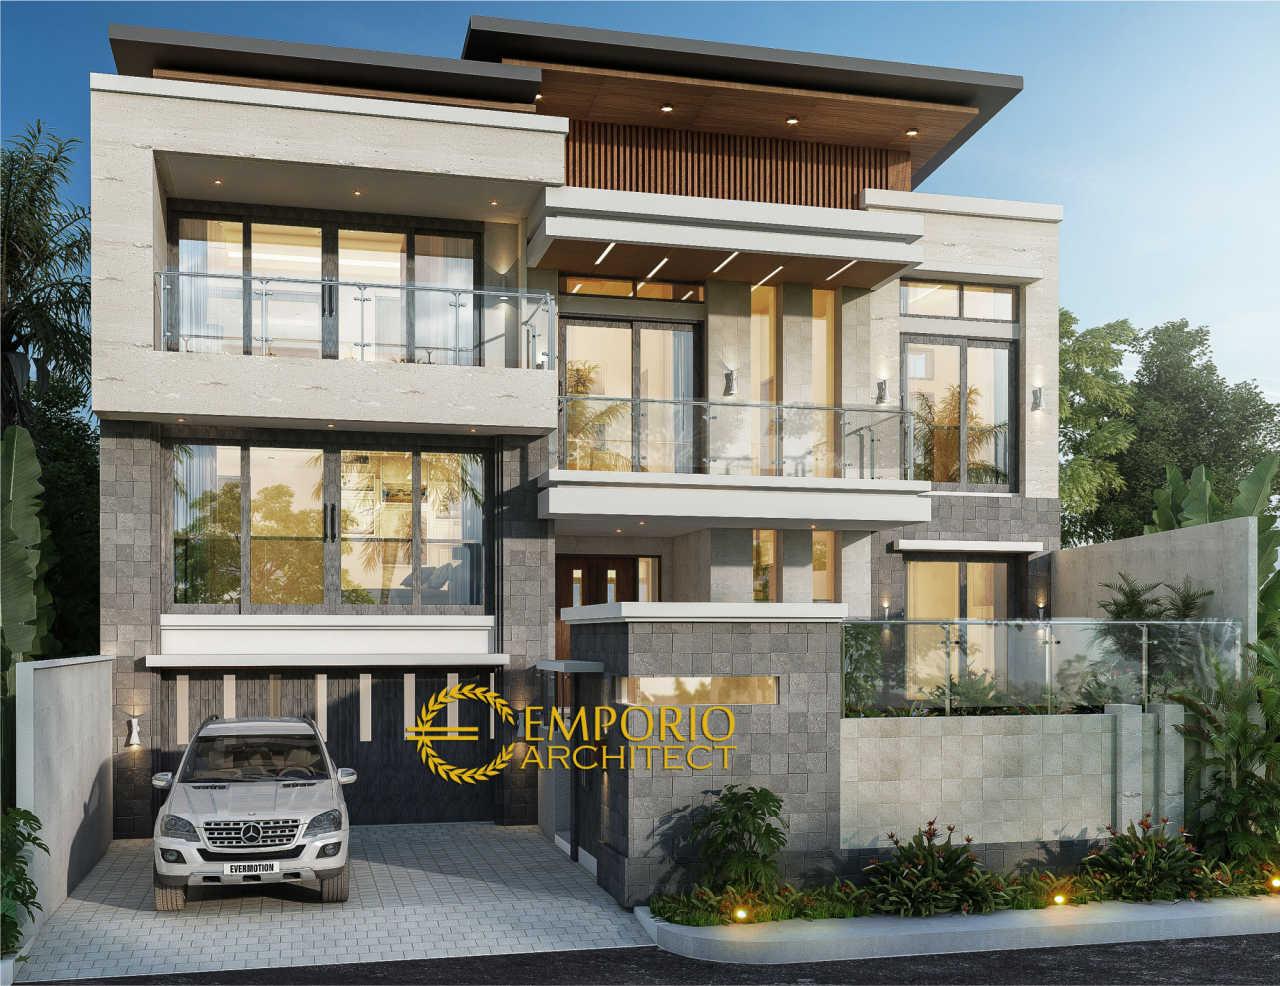 Inspirasi Desain Rumah Karya Jasa Arsitek di Semarang, Jawa Tengah